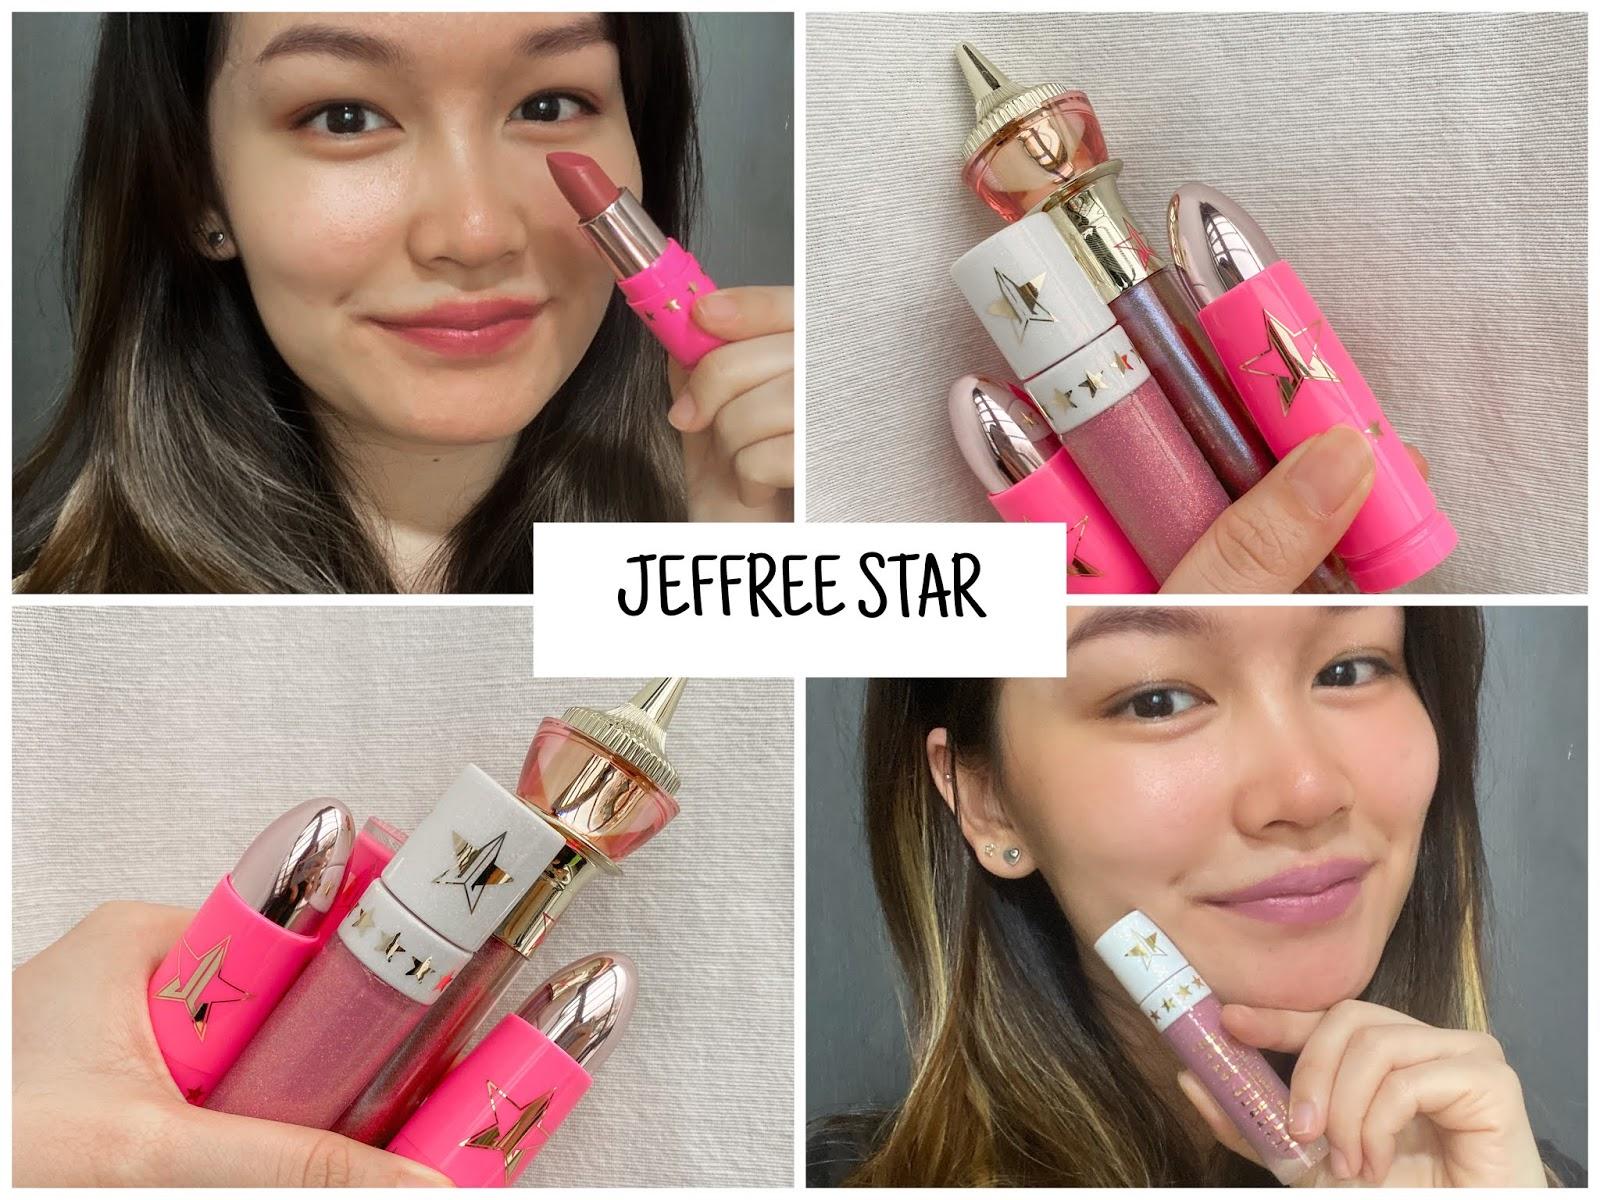 Trying Out Jeffree Star Lipsticks Lip Ammunition The Gloss Velour Liquid Lipsticks F A I T H F U L L Y